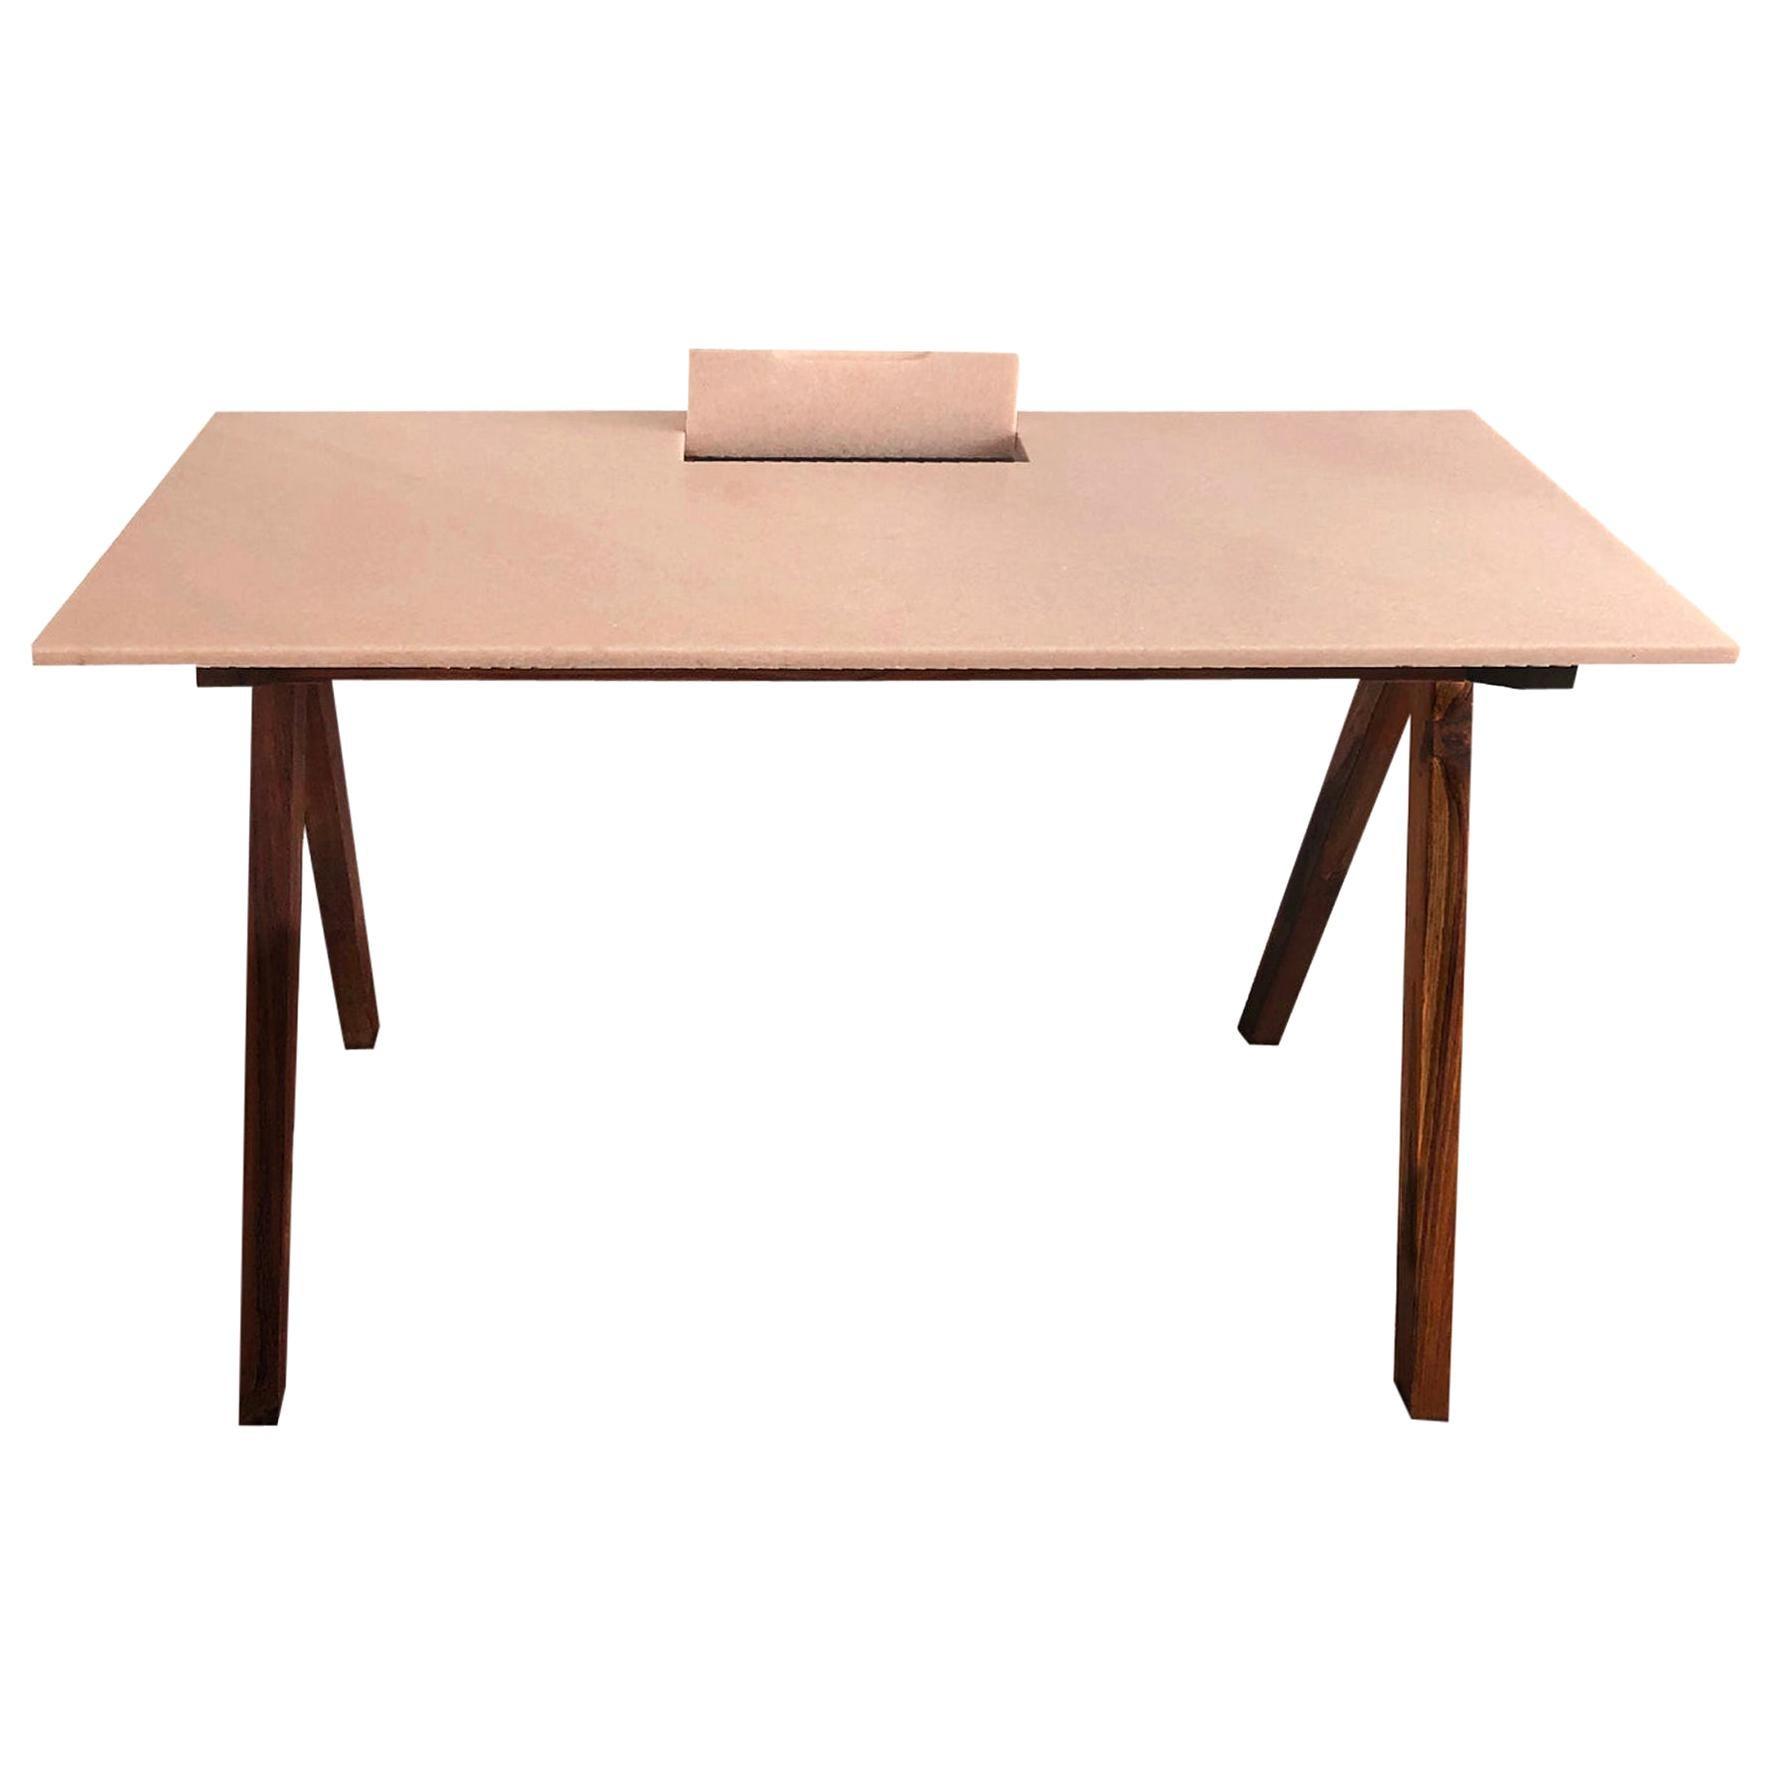 Ashiana, a Marble and Wood Desk, Design by Matang and Natasha Sumant